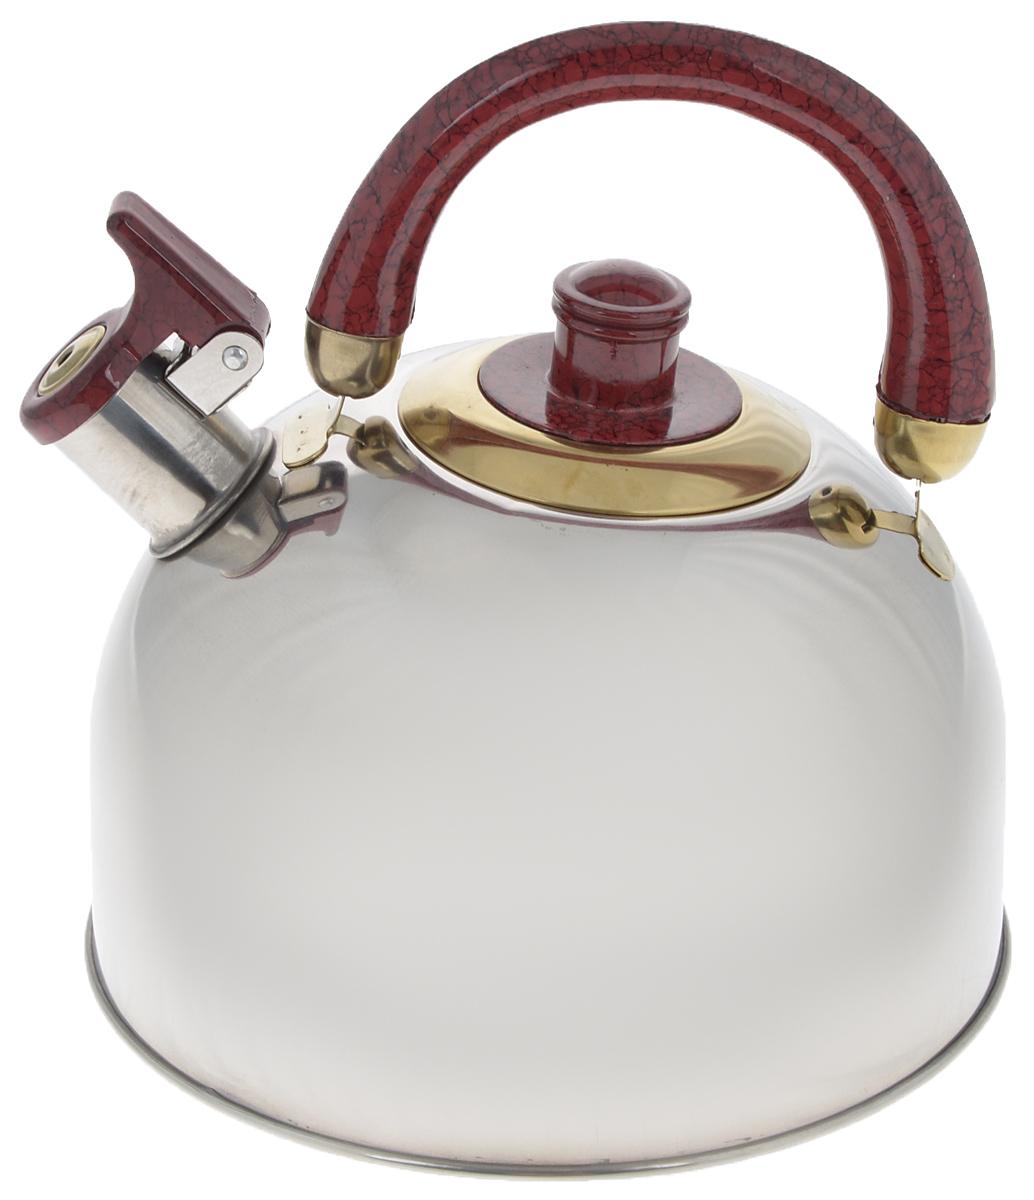 Чайник Mayer & Boch, со свистком, цвет: стальной, бордовый, золотистый, 3,5 л. 10691069А_стальной, бордовый, золотойЧайник Mayer & Boch изготовлен из высококачественной нержавеющей стали, что делает его весьма гигиеничным и устойчивым к износу при длительном использовании. Утолщенное дно обеспечивает равномерный и быстрый нагрев, поэтому вода закипает гораздо быстрее, чем в обычных чайниках. Чайник оснащен откидным свистком, звуковой сигнал которого подскажет, когда закипит вода. Подвижная ручка из бакелита дает дополнительное удобство при разлитии напитка. Чайник Mayer & Boch идеально впишется в интерьер любой кухни и станет замечательным подарком к любому случаю. Подходит для газовых, стеклокерамических, галогеновых и электрических плит. Не подходит для индукционных. Можно мыть в посудомоечной машине. Высота чайника (без учета ручки и крышки): 13 см.Высота чайника (с учетом ручки и крышки): 21,5 см.Диаметр чайника (по верхнему краю): 8,5 см.